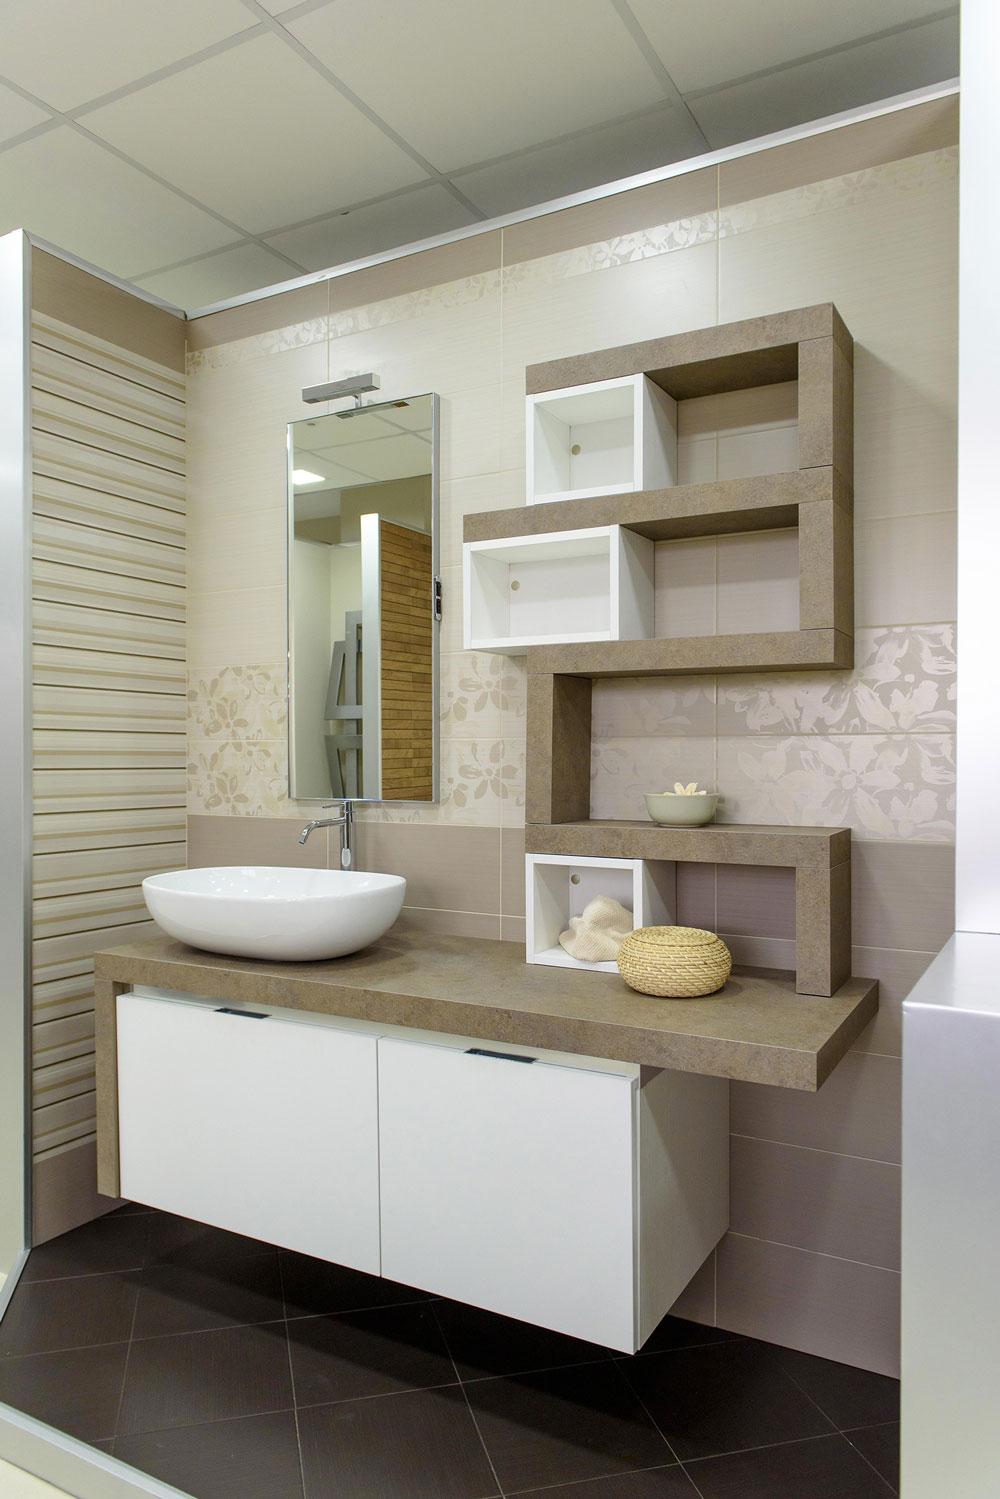 Miroma-ceramiche-arredo-bagno-aversa-caserta-napoli-showroom-13